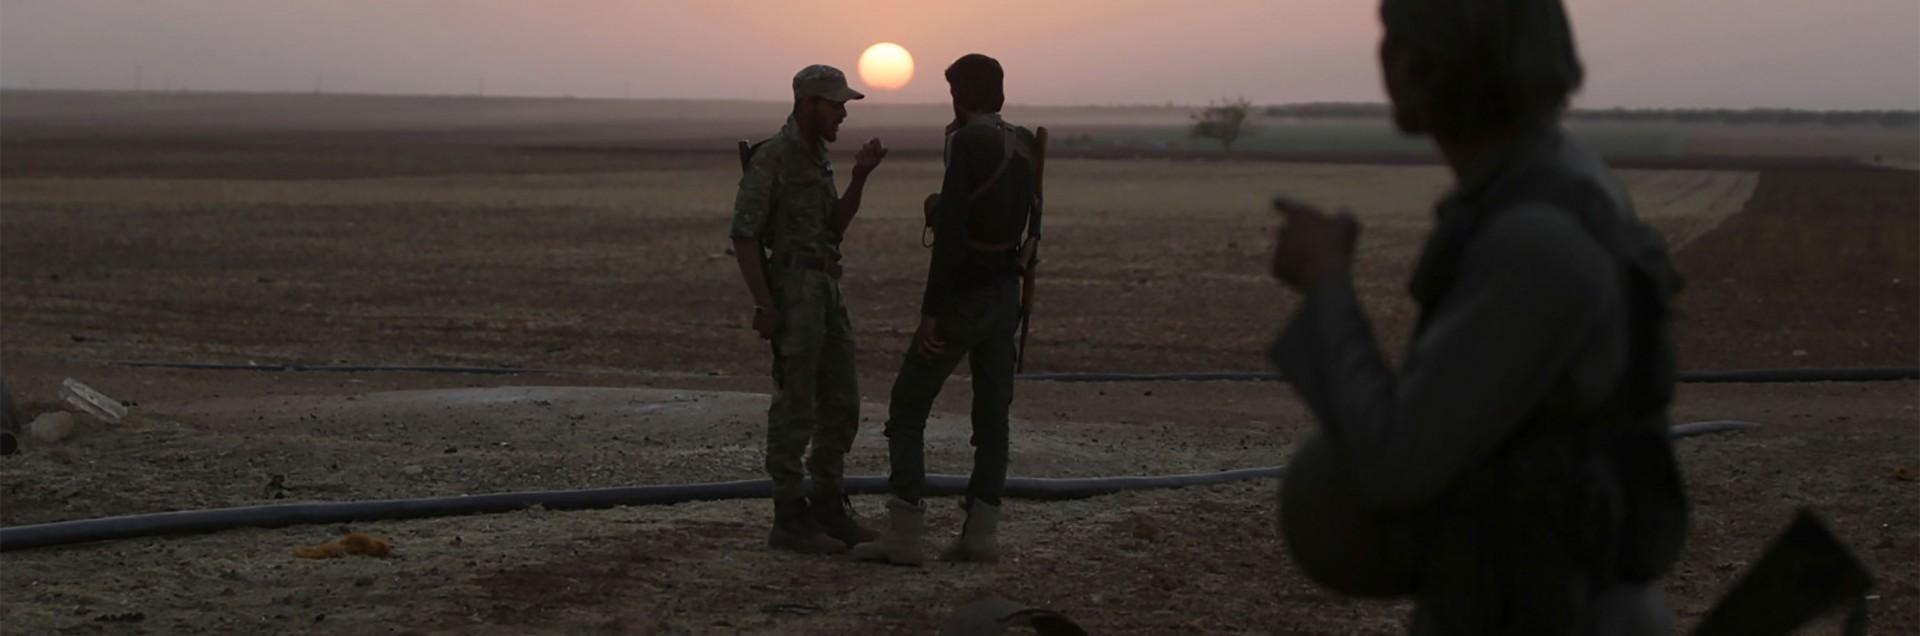 La città martire assediata dall'Isis